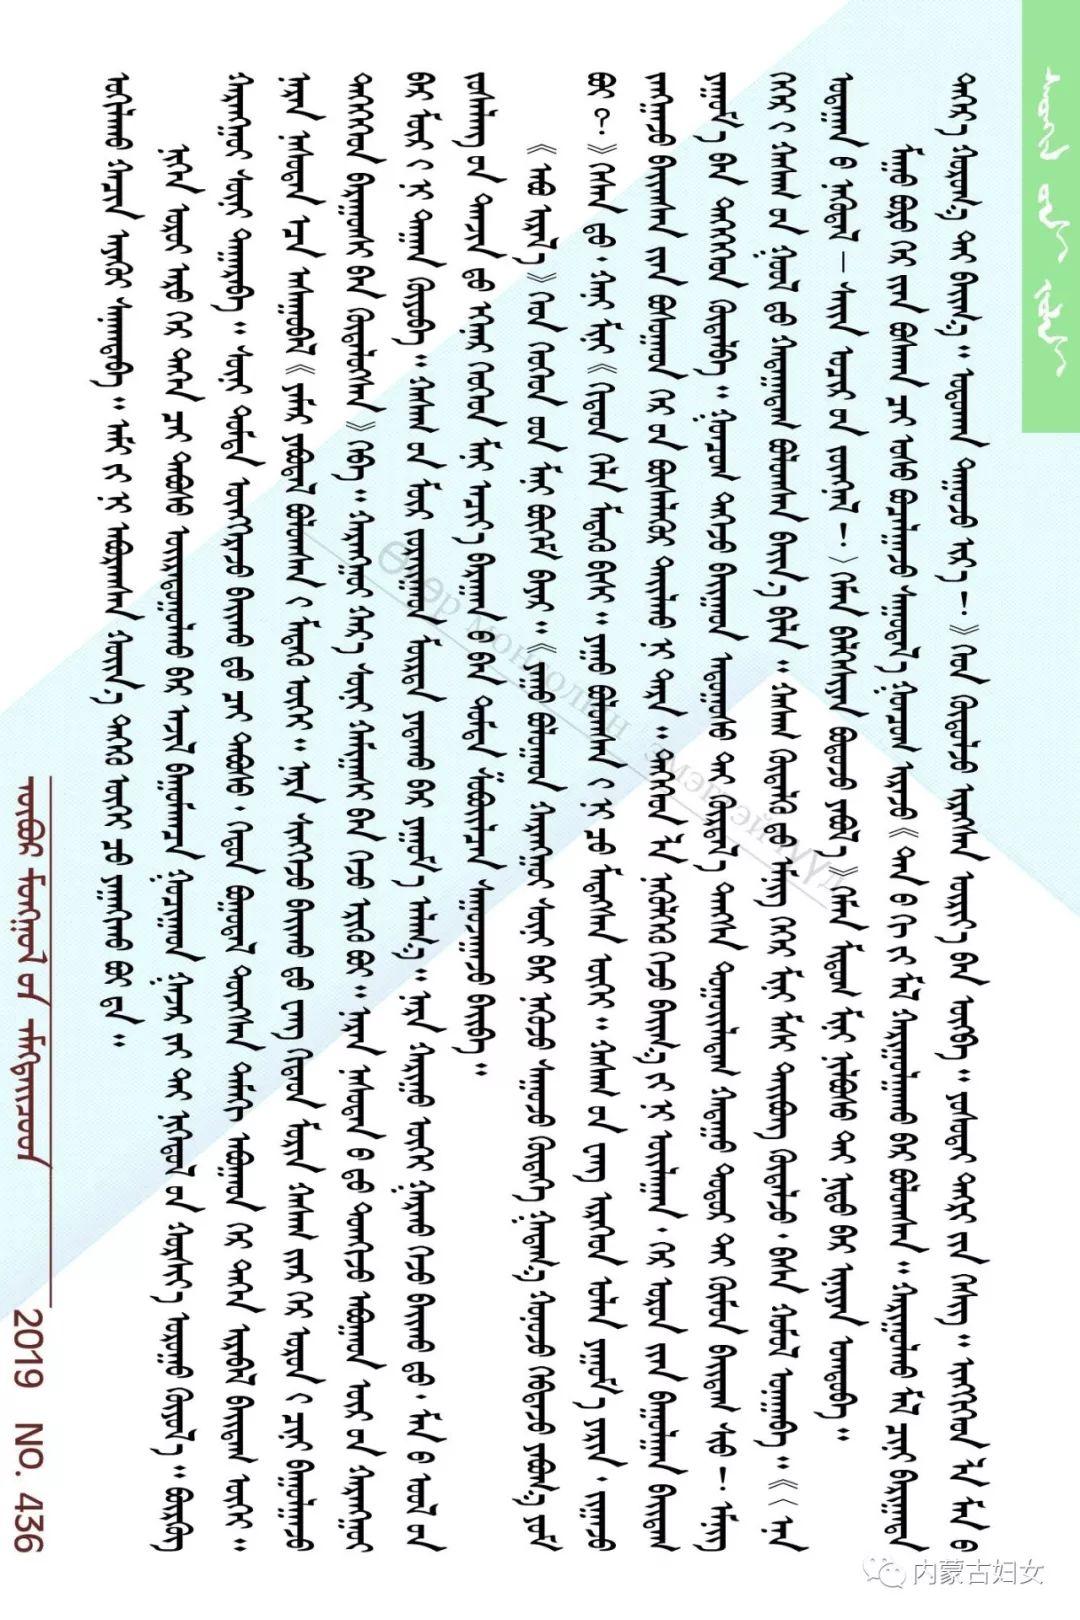 【心灵驿站】烈马(蒙古文) 第7张 【心灵驿站】烈马(蒙古文) 蒙古文化